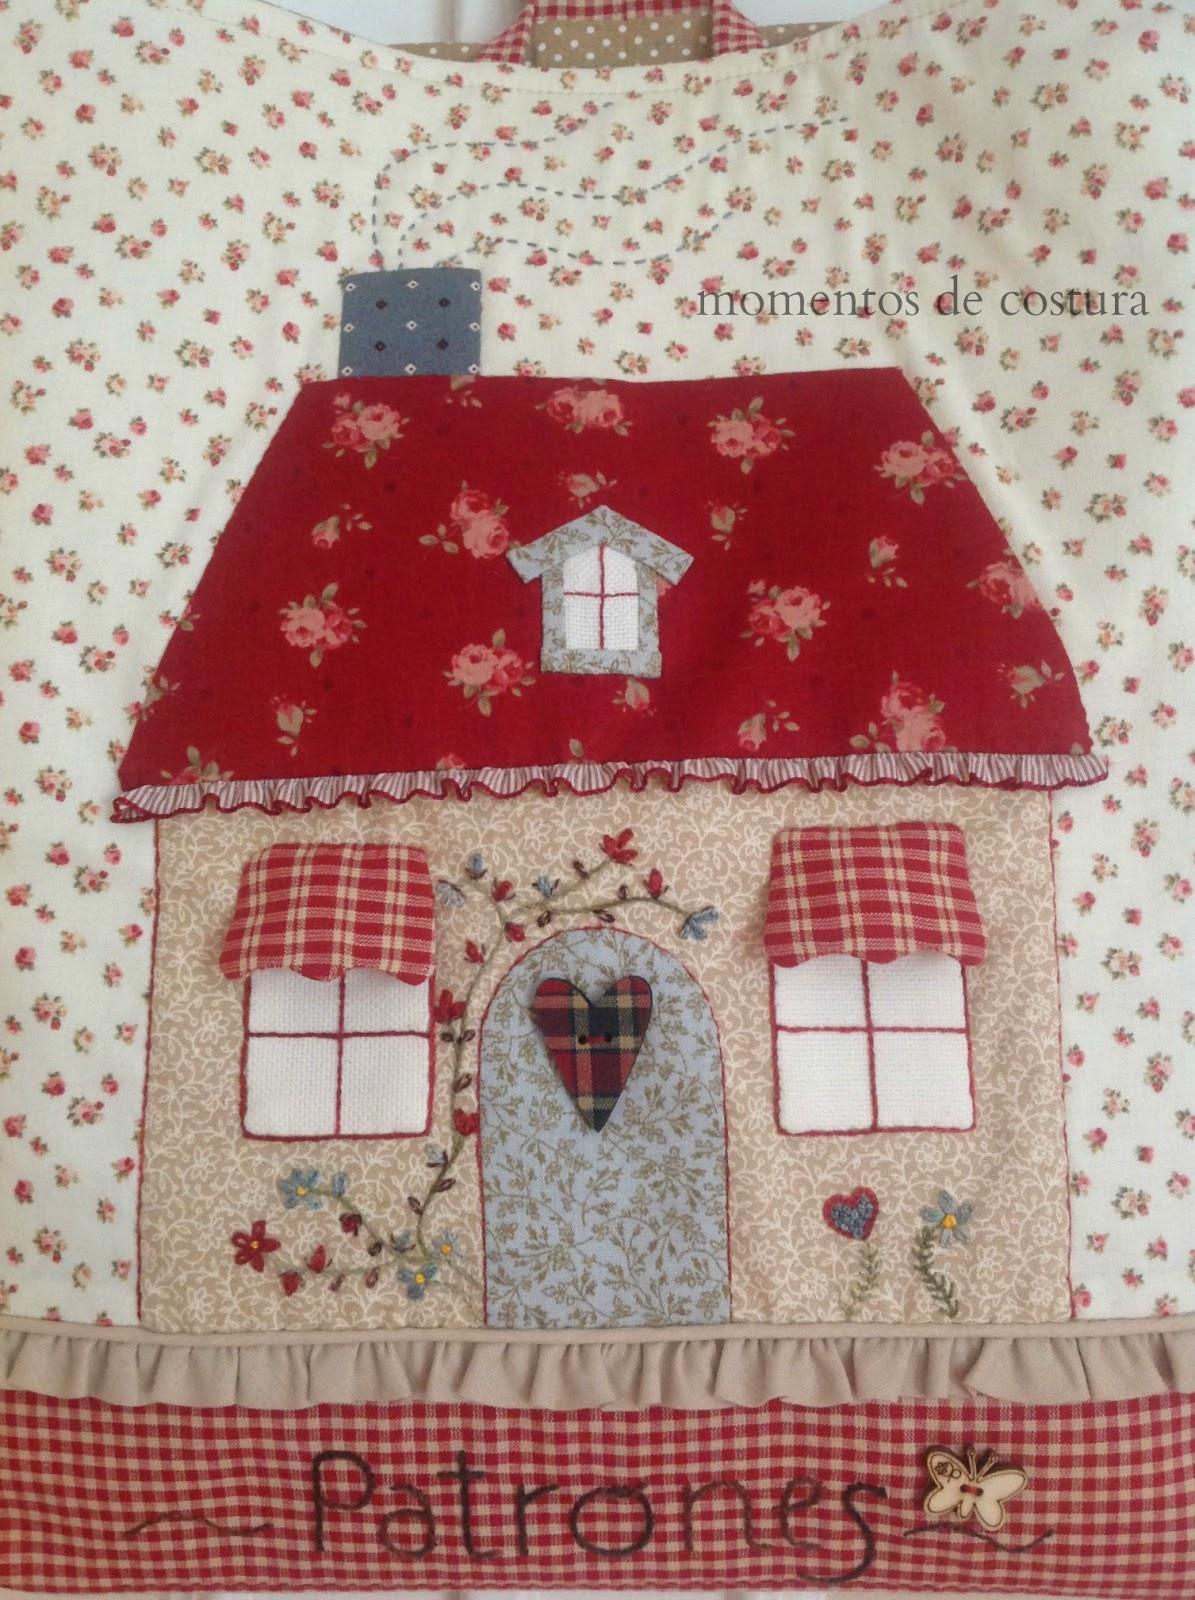 Momentos de costura mayo 2014 - Casas de patchwork ...